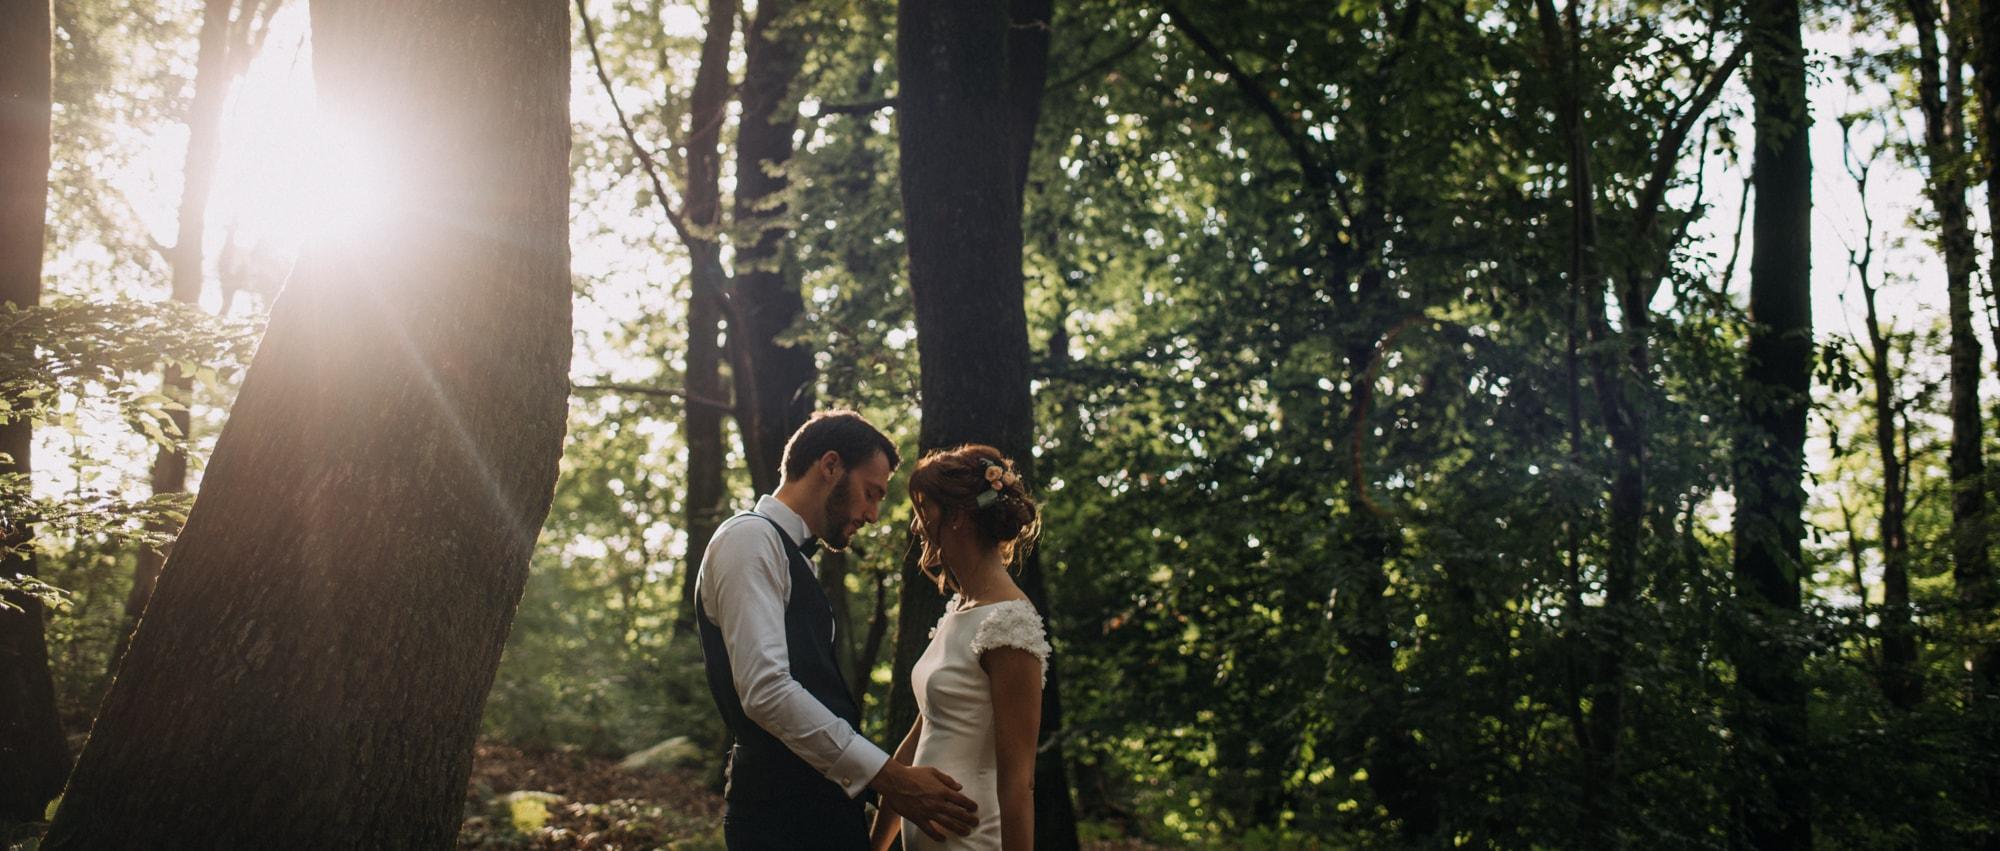 boho wedding italy 071 2 - Boho Wedding in Italy - Giulia & Alessandro